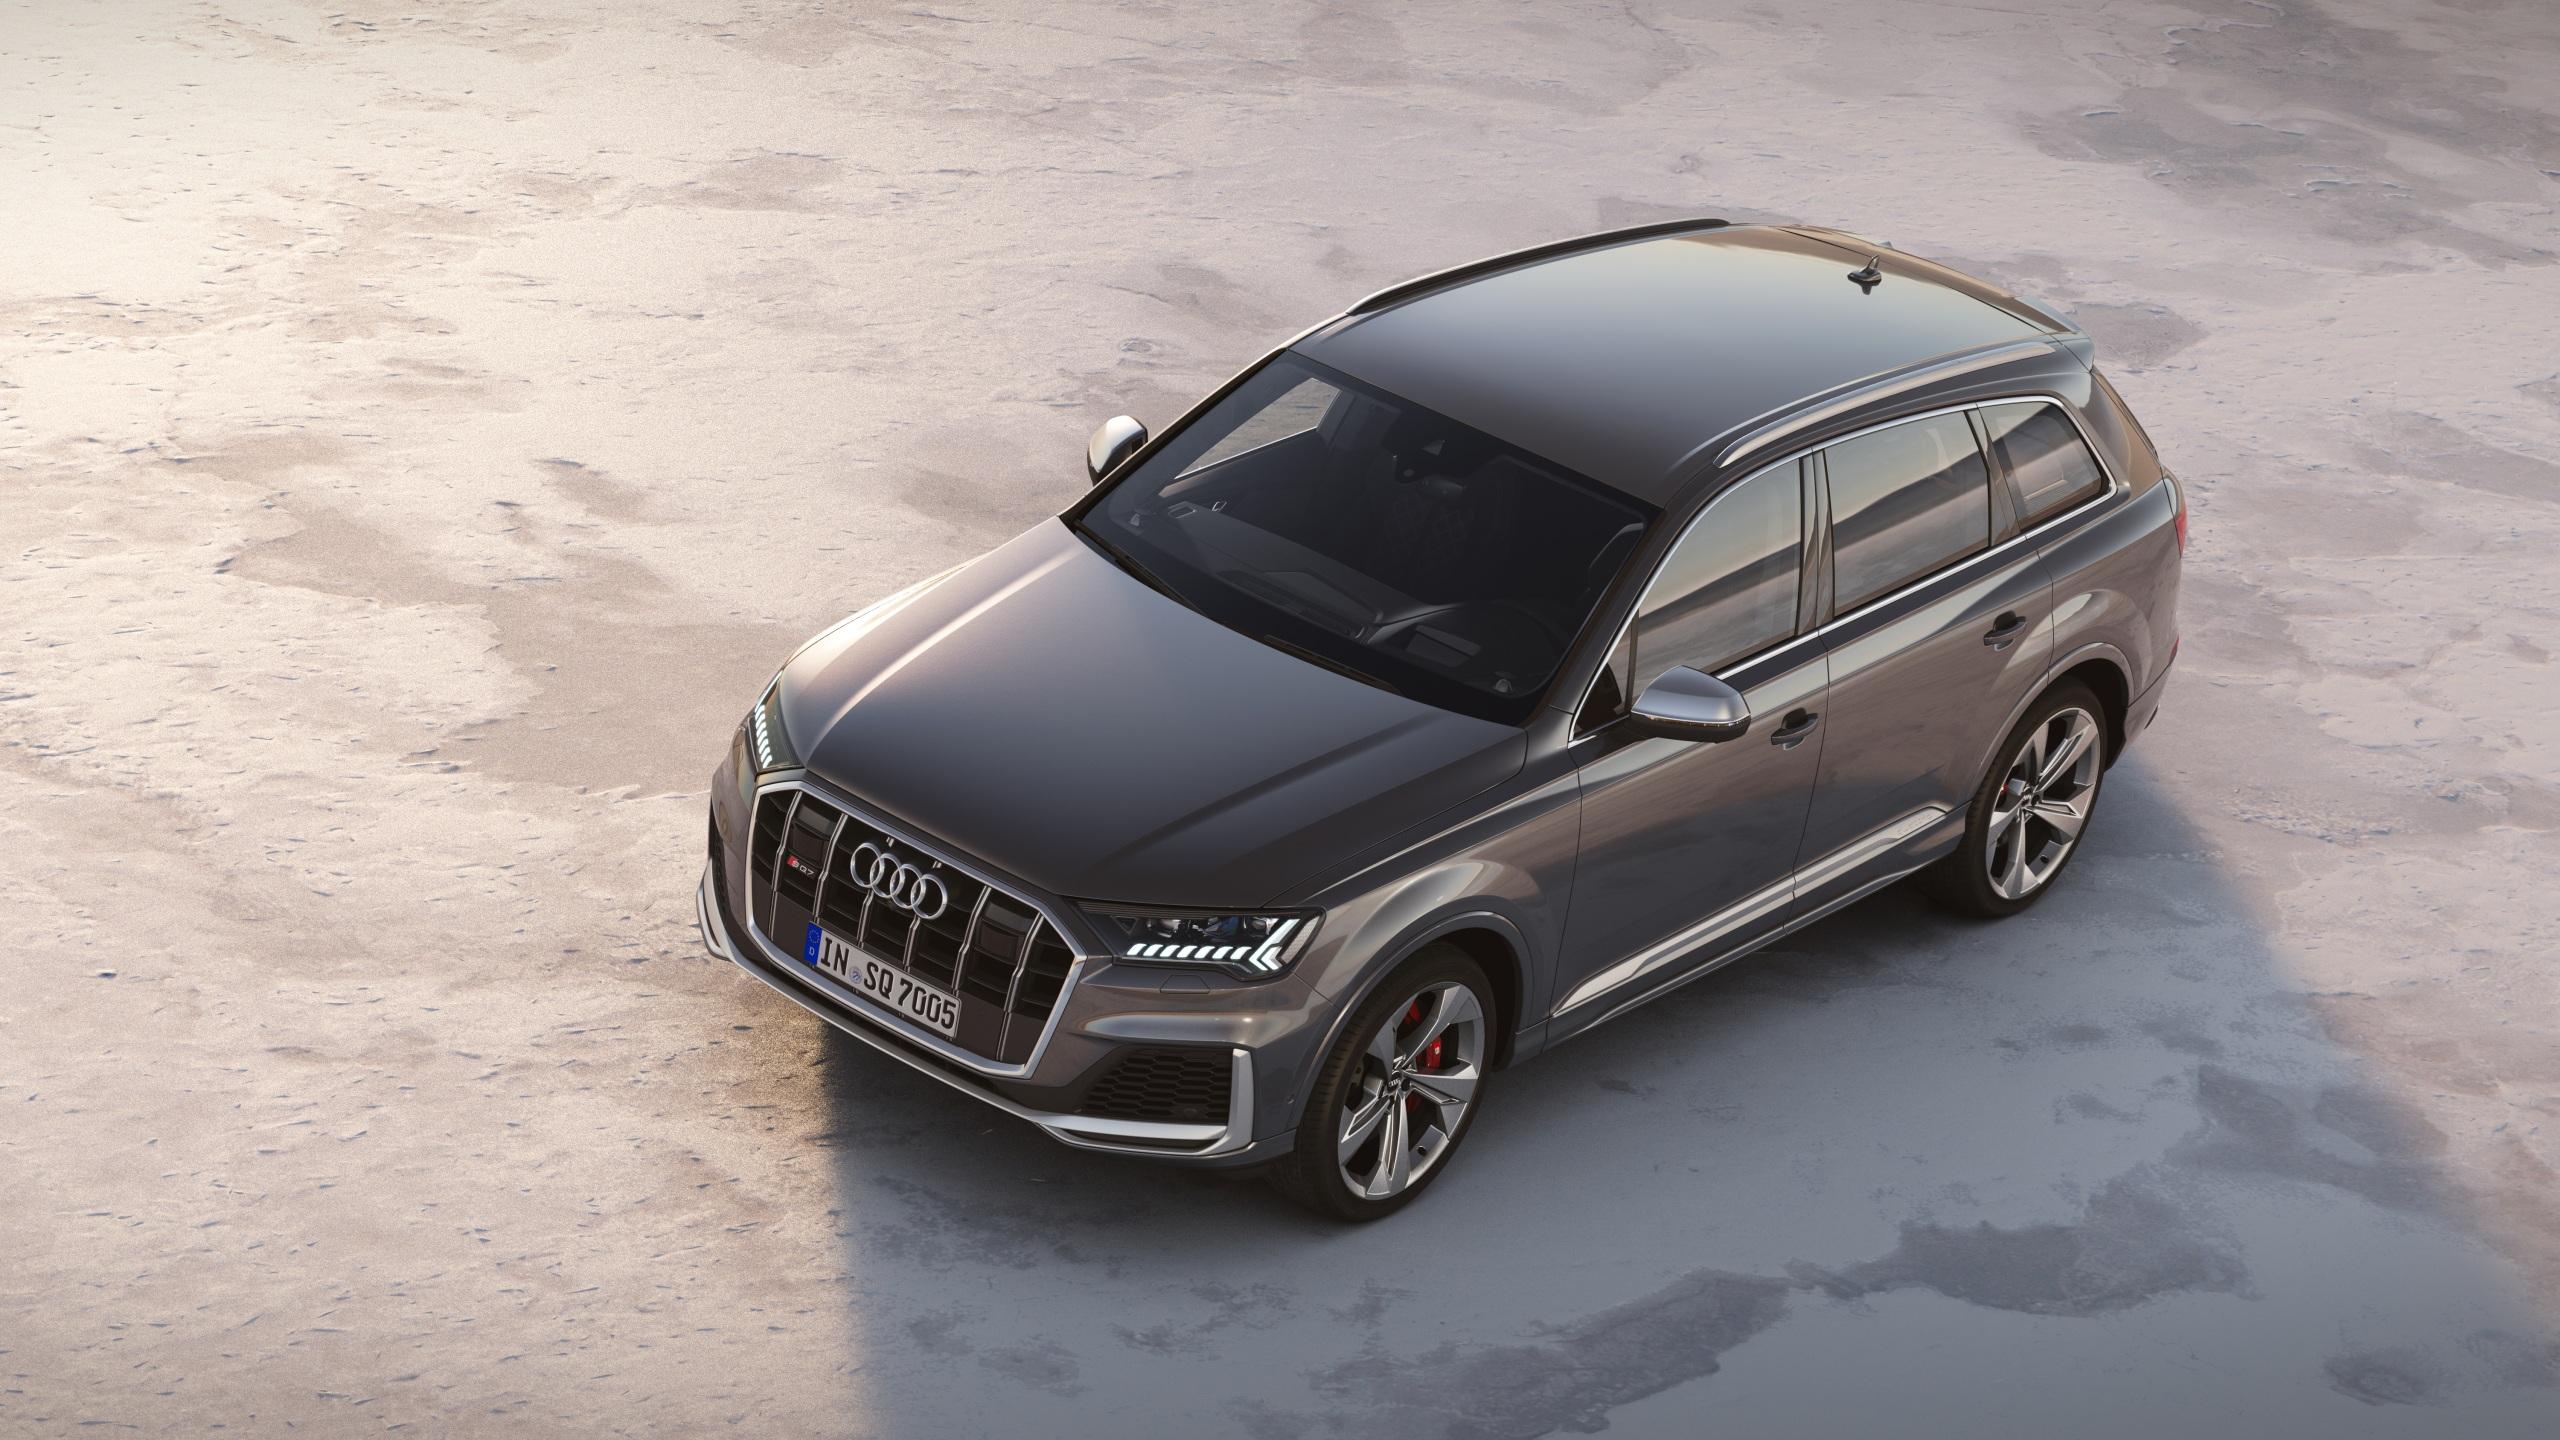 Картинка Audi 2019 SQ7 TDI Worldwide Серый авто Металлик 2560x1440 Ауди серые серая машина машины автомобиль Автомобили